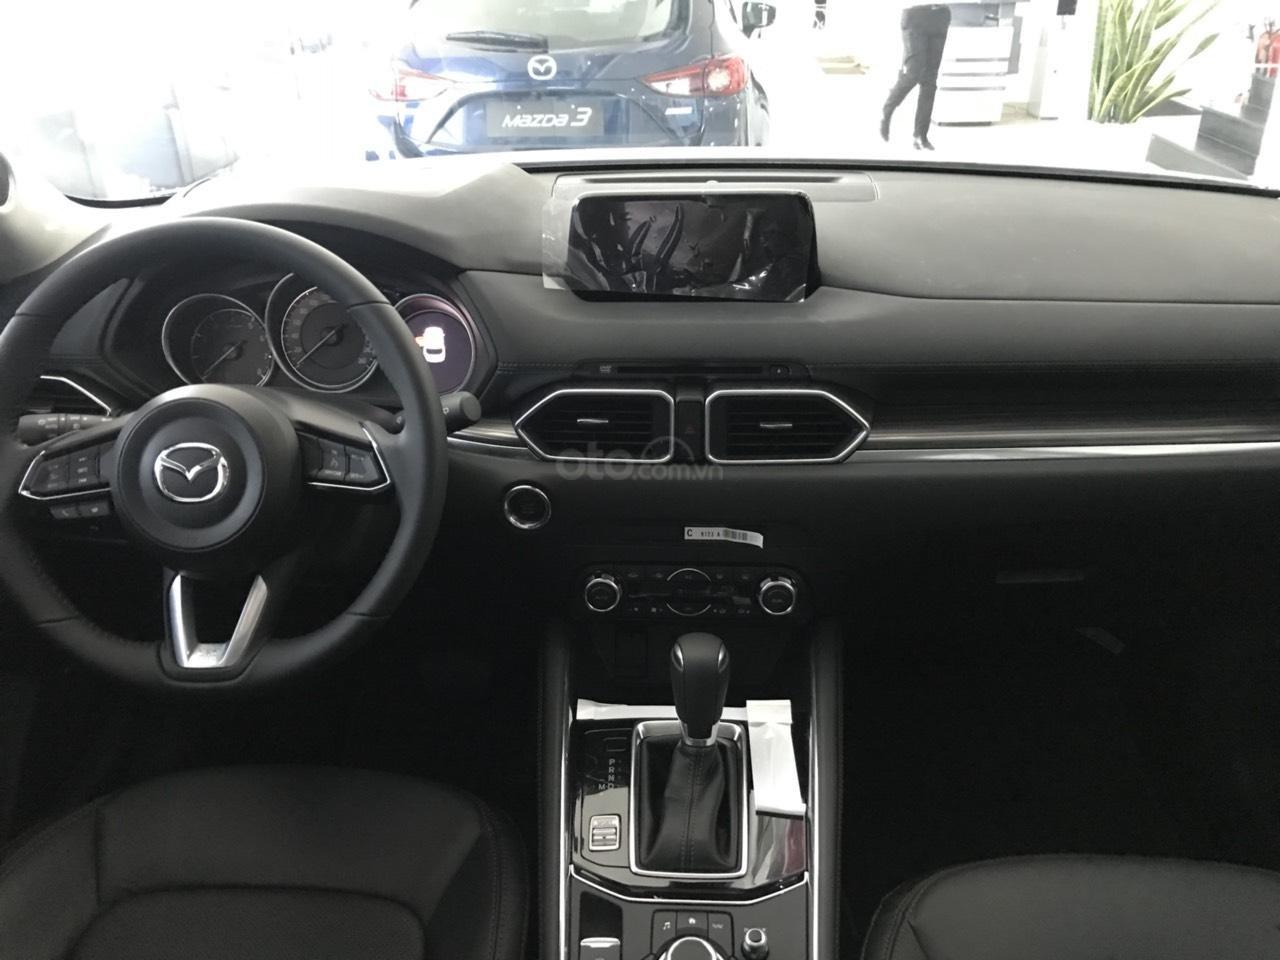 Bán Mazda CX5 giá tốt nhất HCM, hỗ trợ mua xe trả góp lên tới 85% giá trị xe, thủ tục nhanh gọn thuận tiện-4